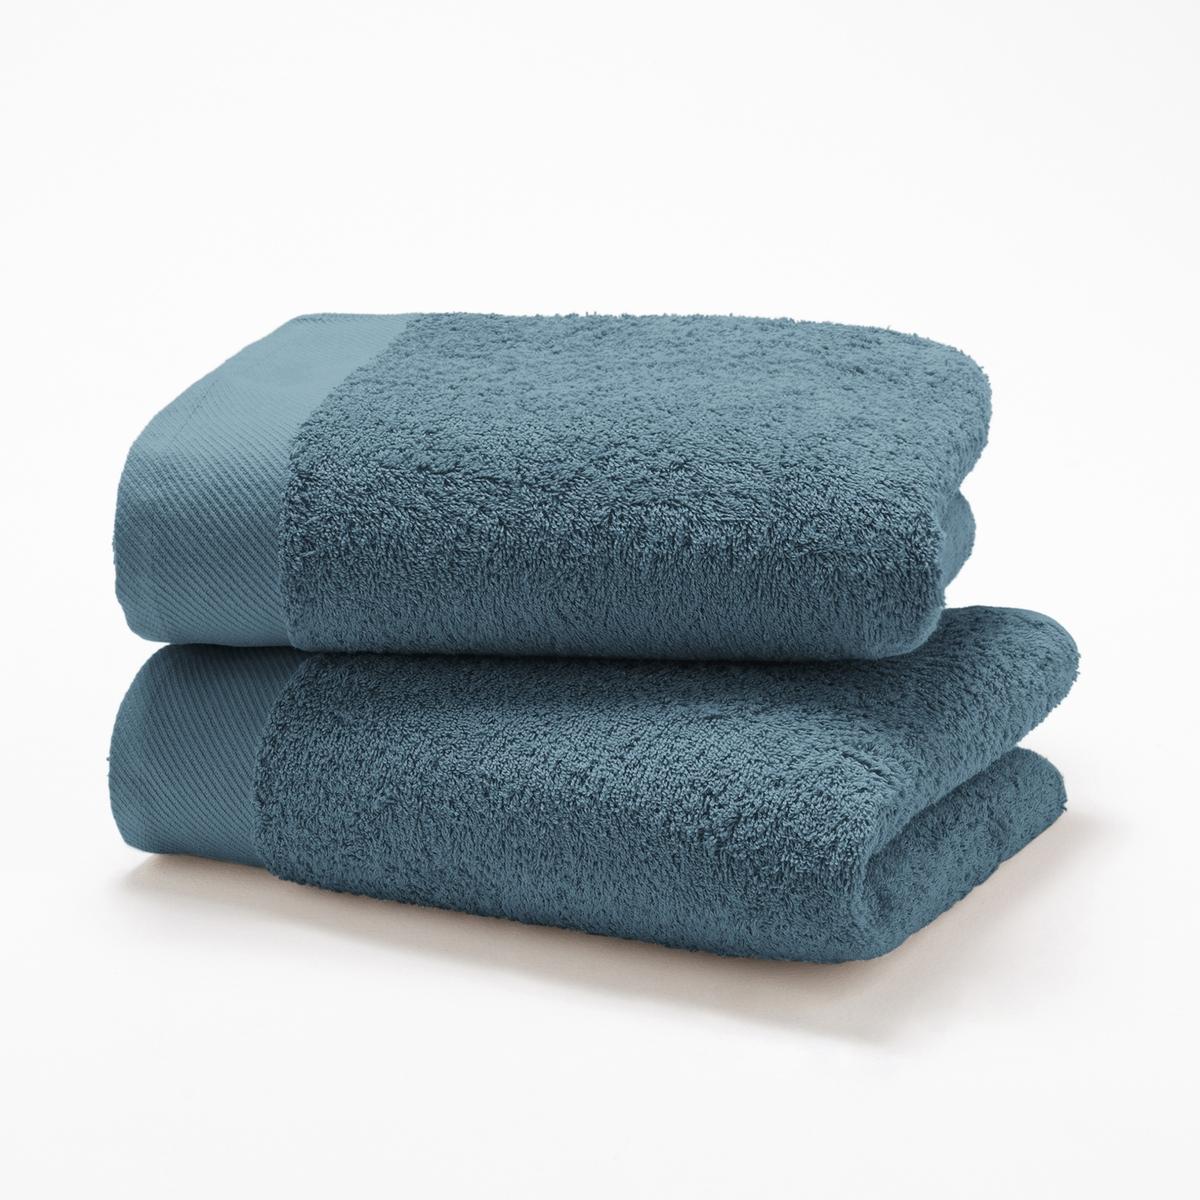 Комплект из 2 полотенец из махровой ткани 500 г/м²